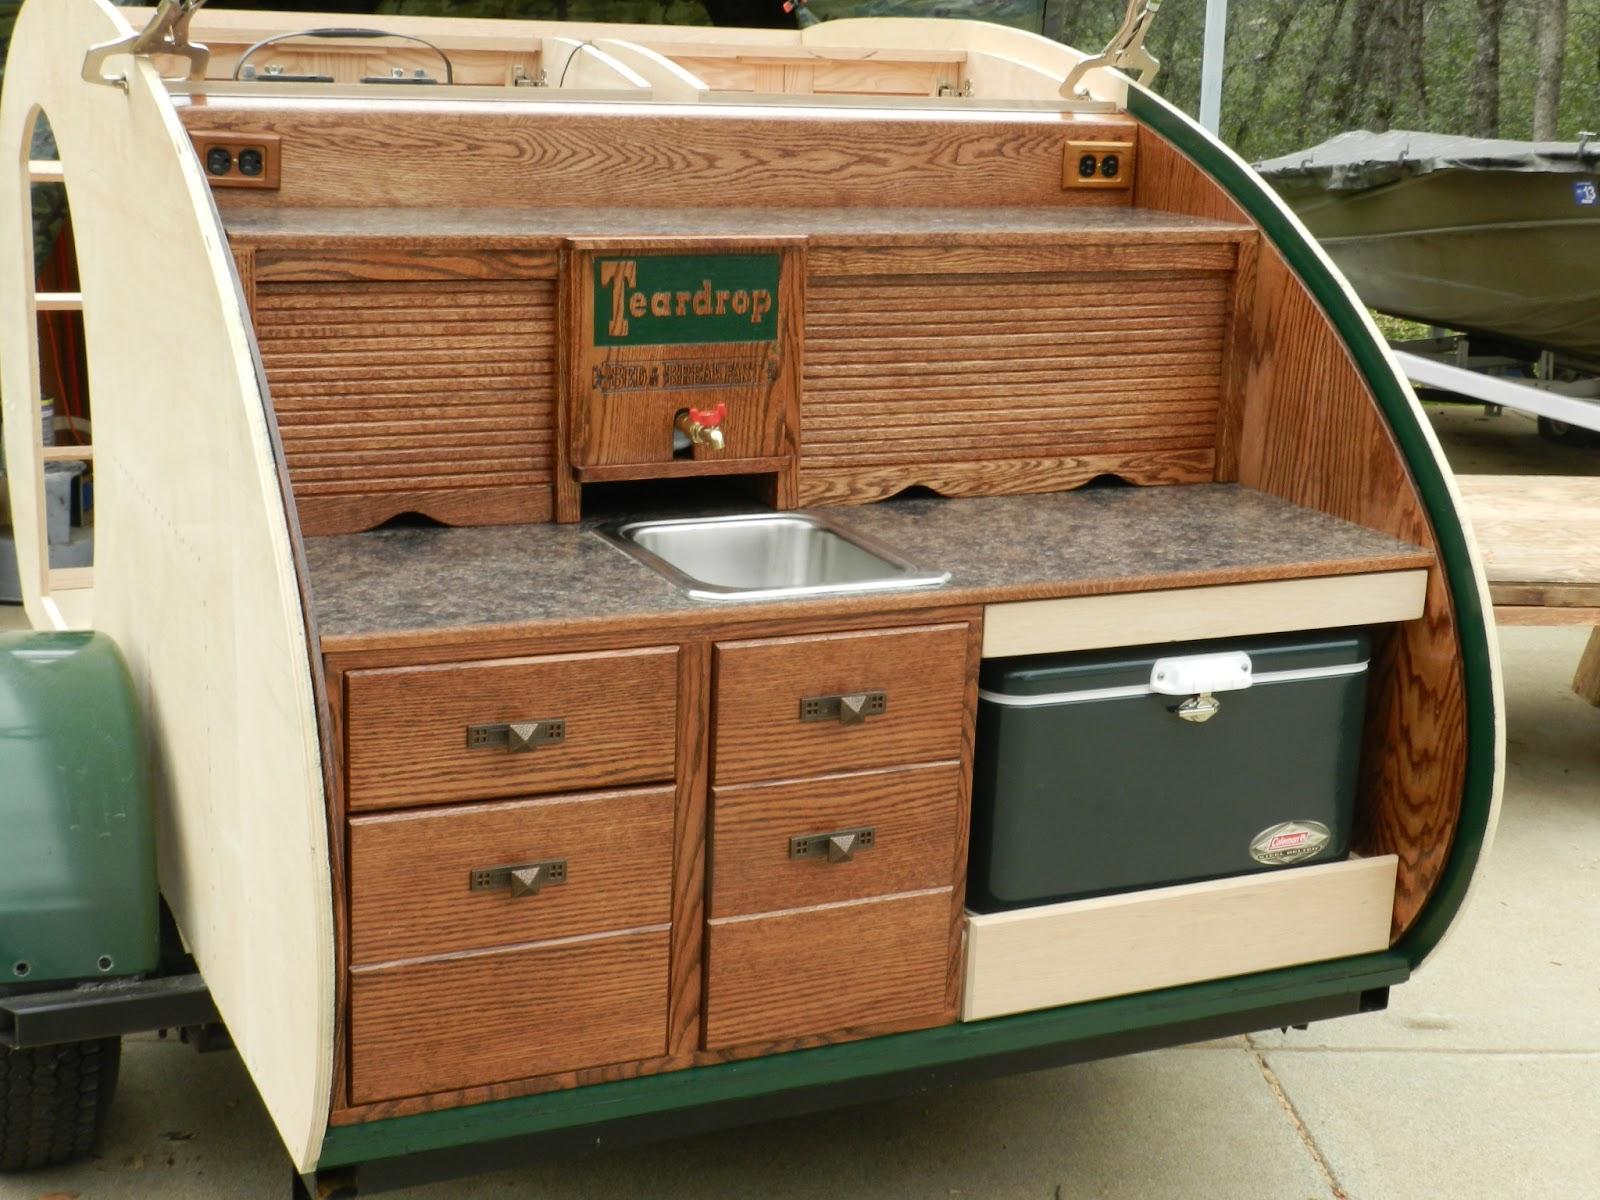 Ed 39 s teardrop trailer project trailer construction for Teardrop camper kitchen ideas